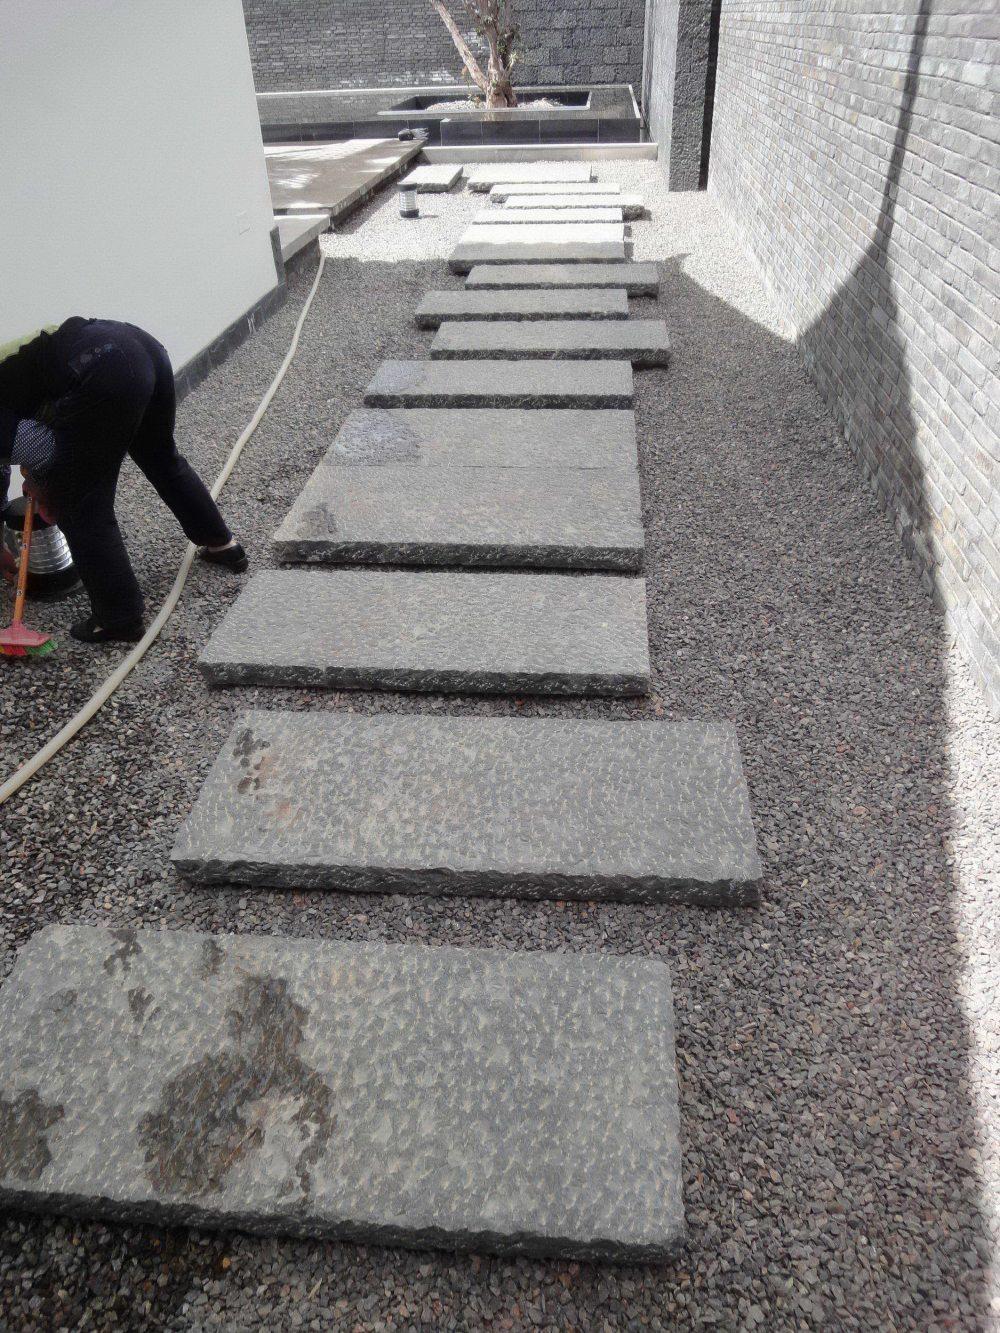 云南丽江铂尔曼渡假酒店(Lijiang Pullman Hotel)(CCD)(第8页更新)_DSC05206.jpg